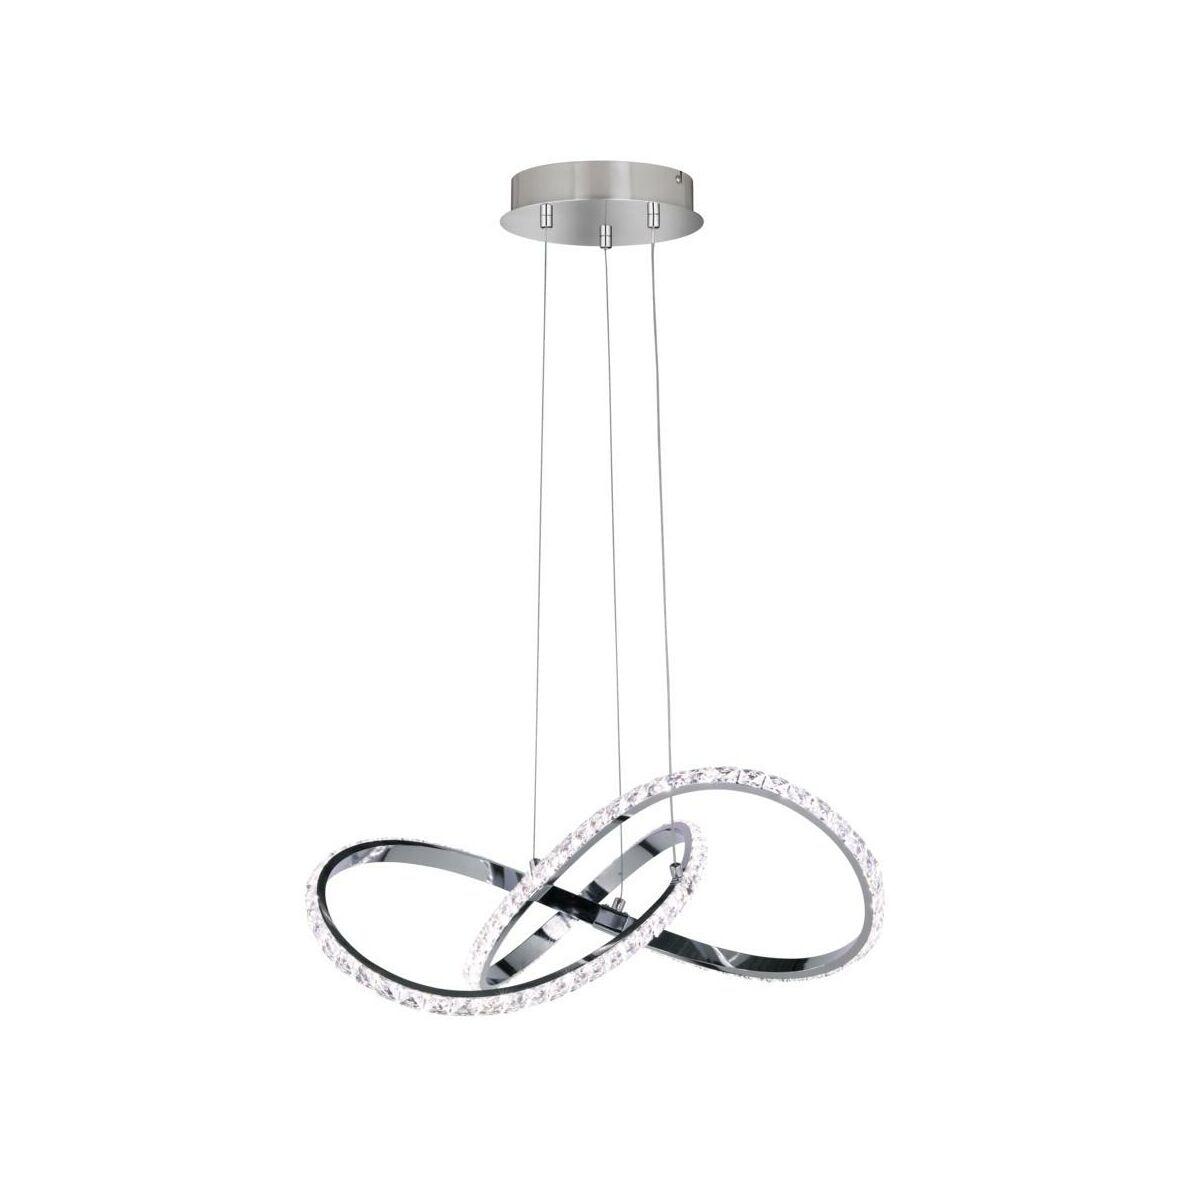 Lampa Wiszaca Prisma Chrom Led Wofi Zyrandole Lampy Wiszace I Sufitowe W Atrakcyjnej Cenie W Sklepach Leroy Merlin